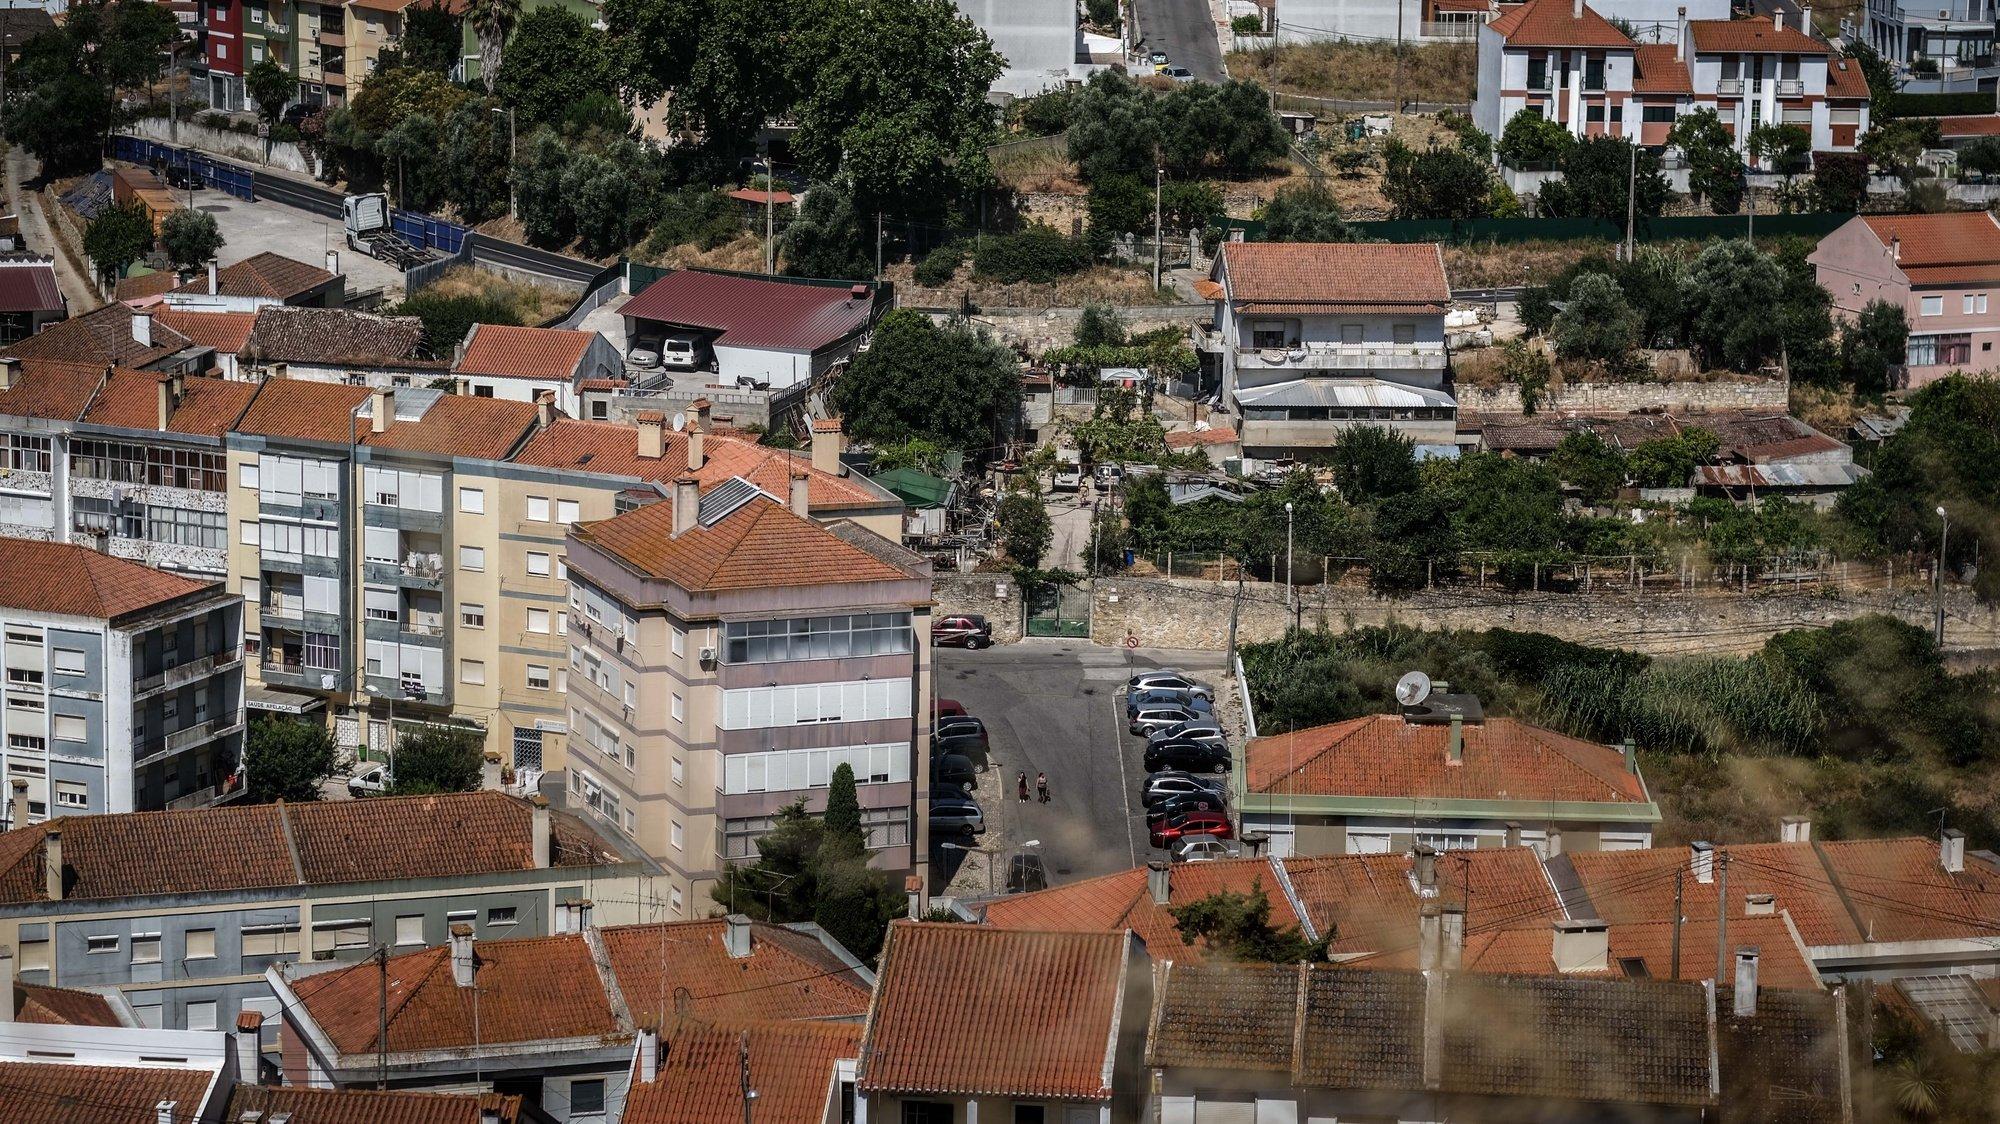 Pessoas percorrem uma rua na Apelação, Loures, 15 de julho de 2020. O governo decidiu prolongar as medidas mais restritivas para a Área Metropolitana de Lisboa devido ao número de casos de covid-19. A união de freguesias de Camarate, Apelação e Unhos encontra-se em situação de calamidade. (ACOMPANHA TEXTO DO DIA 16 DE JULHO DE 2020) MÁRIO CRUZ/LUSA